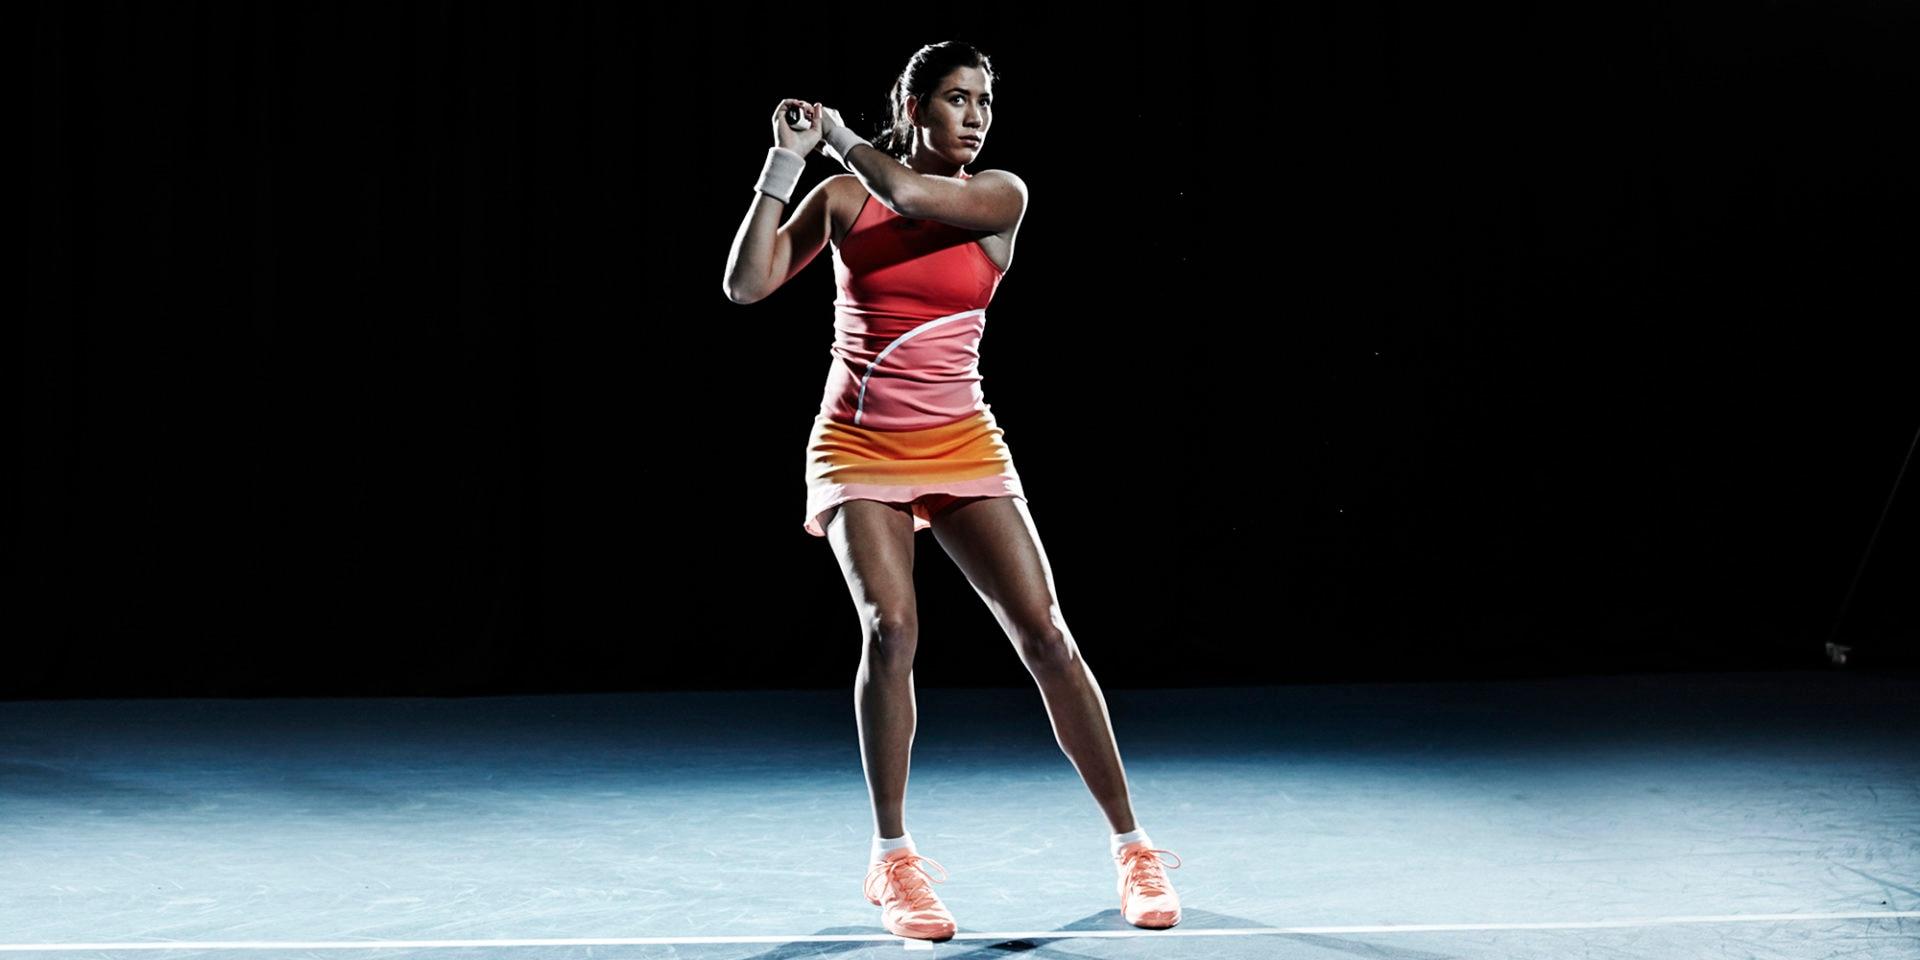 Fotografía Garbiñe estrena equipación de Adidas by Stella McCartney en el Open de Australia